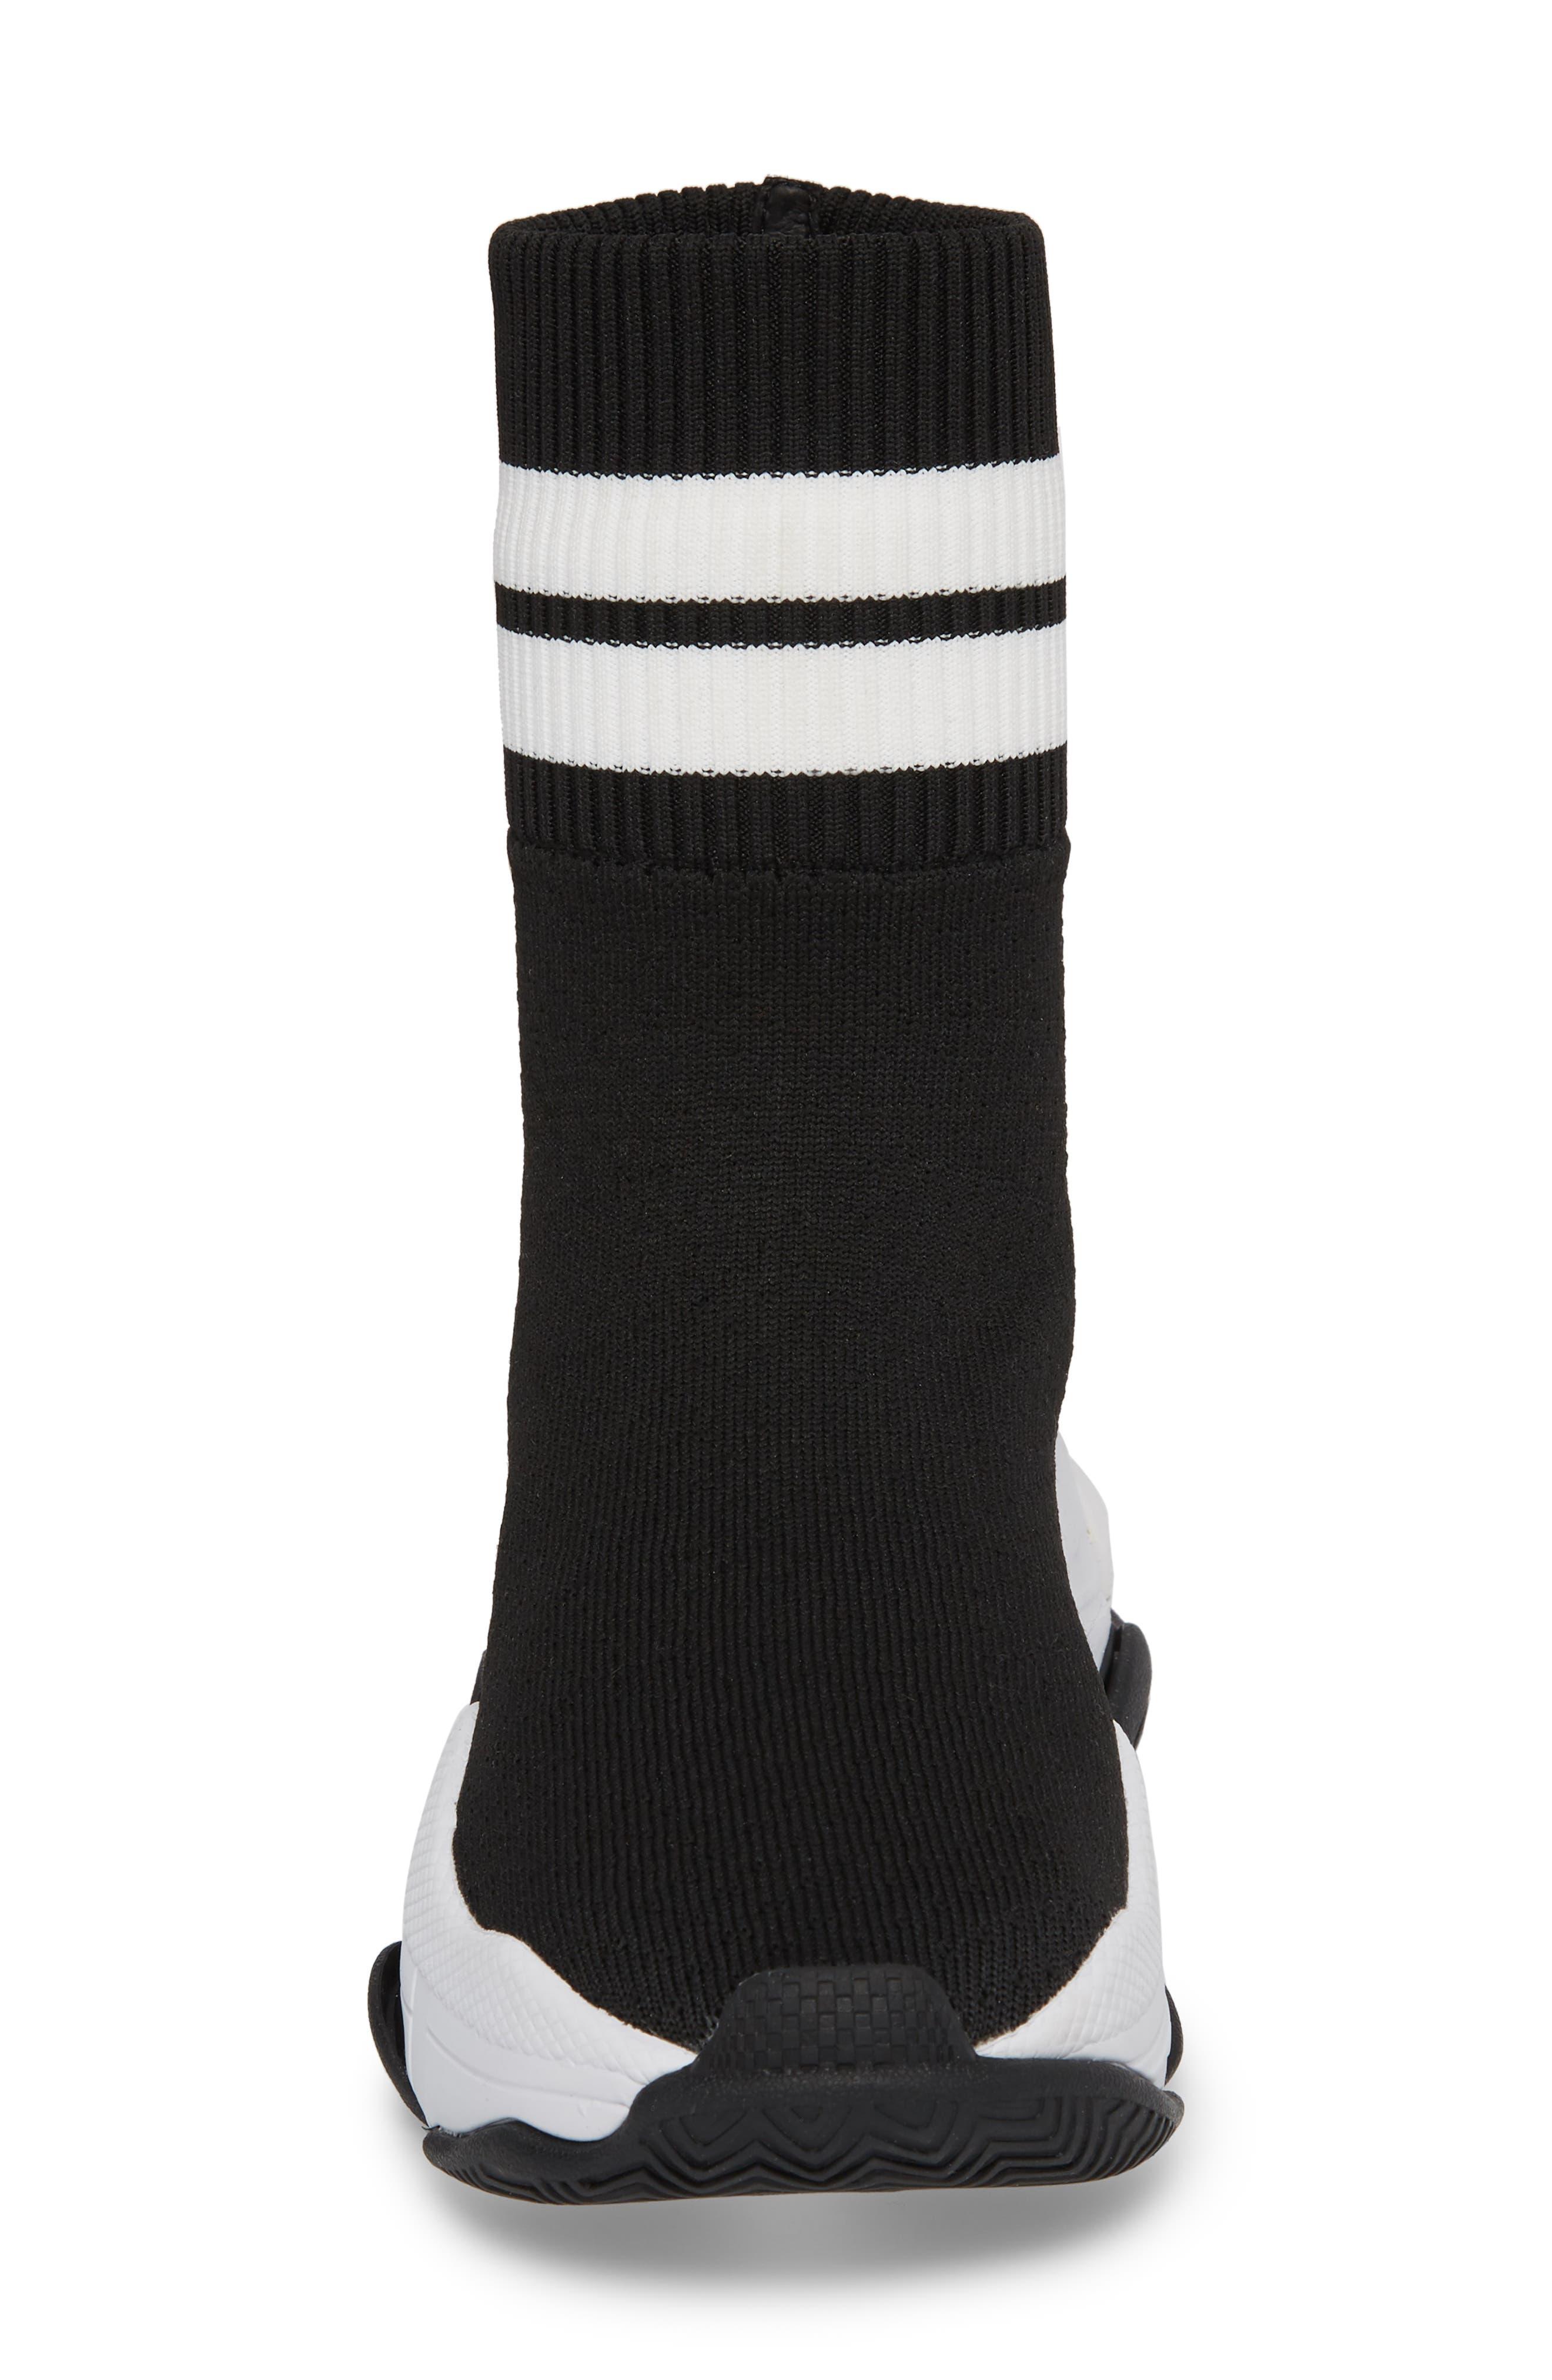 Tenko Ankle High Top Sock Sneaker,                             Alternate thumbnail 4, color,                             Black/ White Stripe Fabric